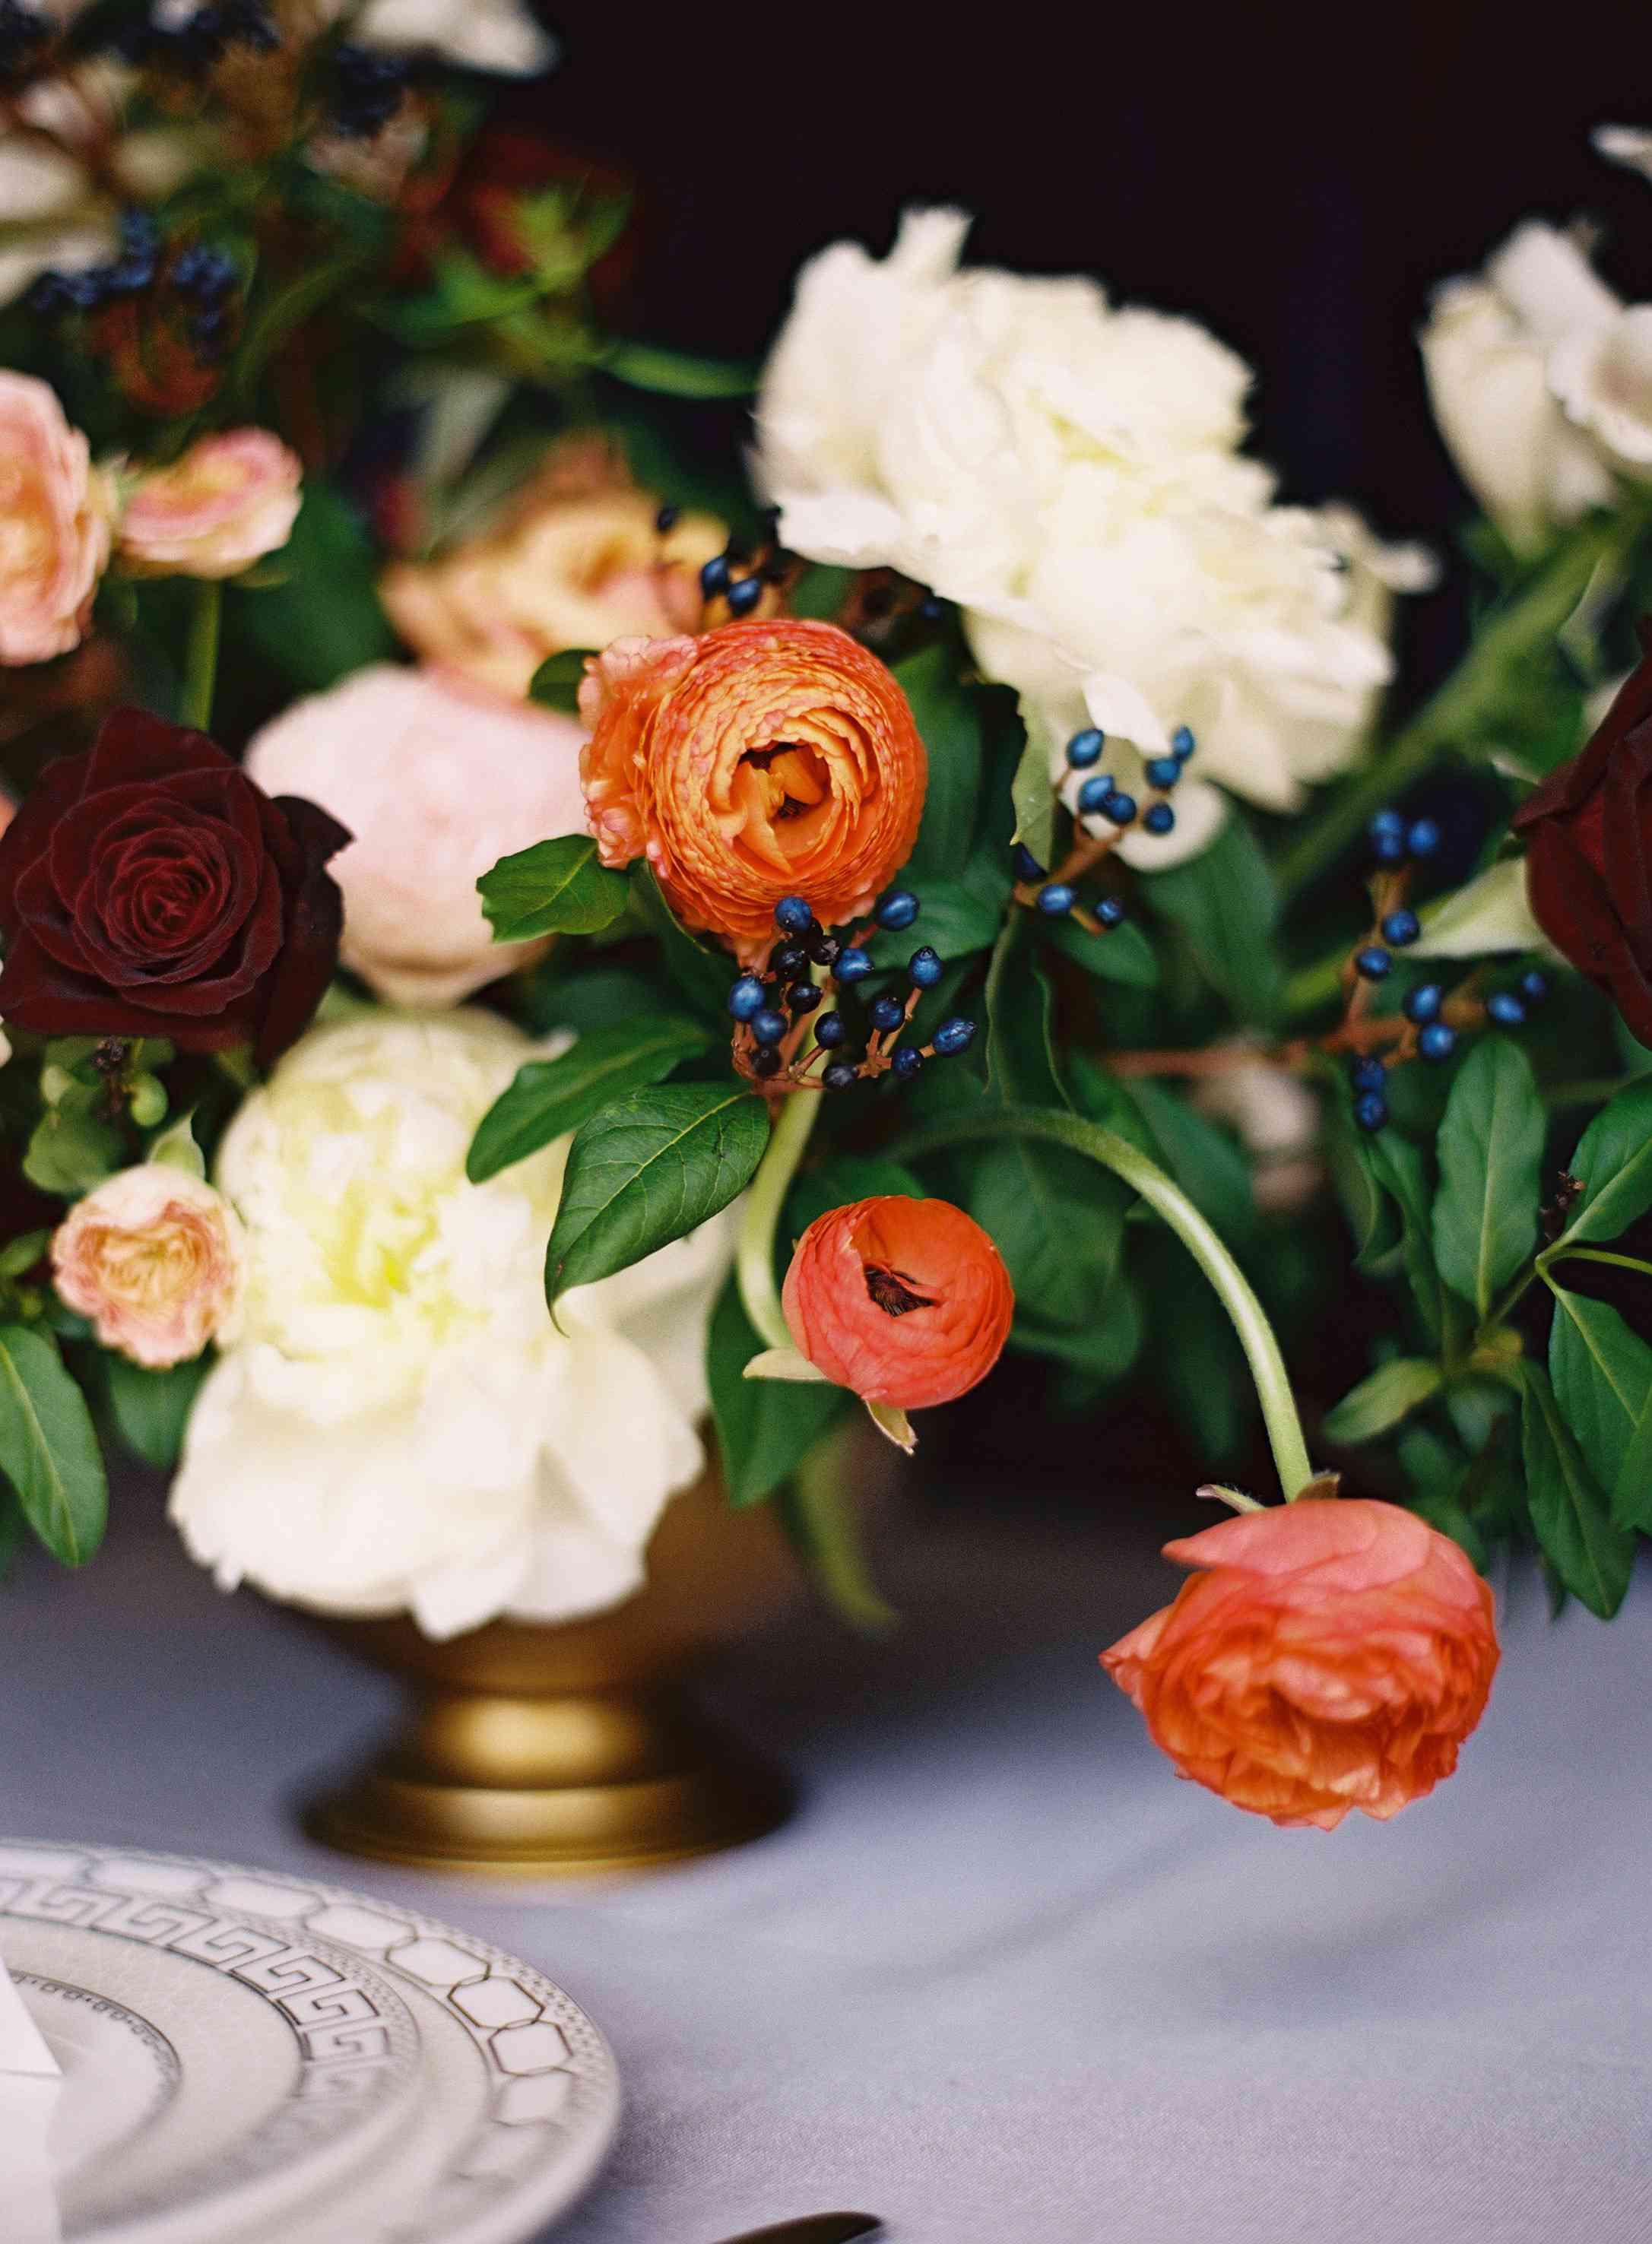 A floral arrangement with magnolias